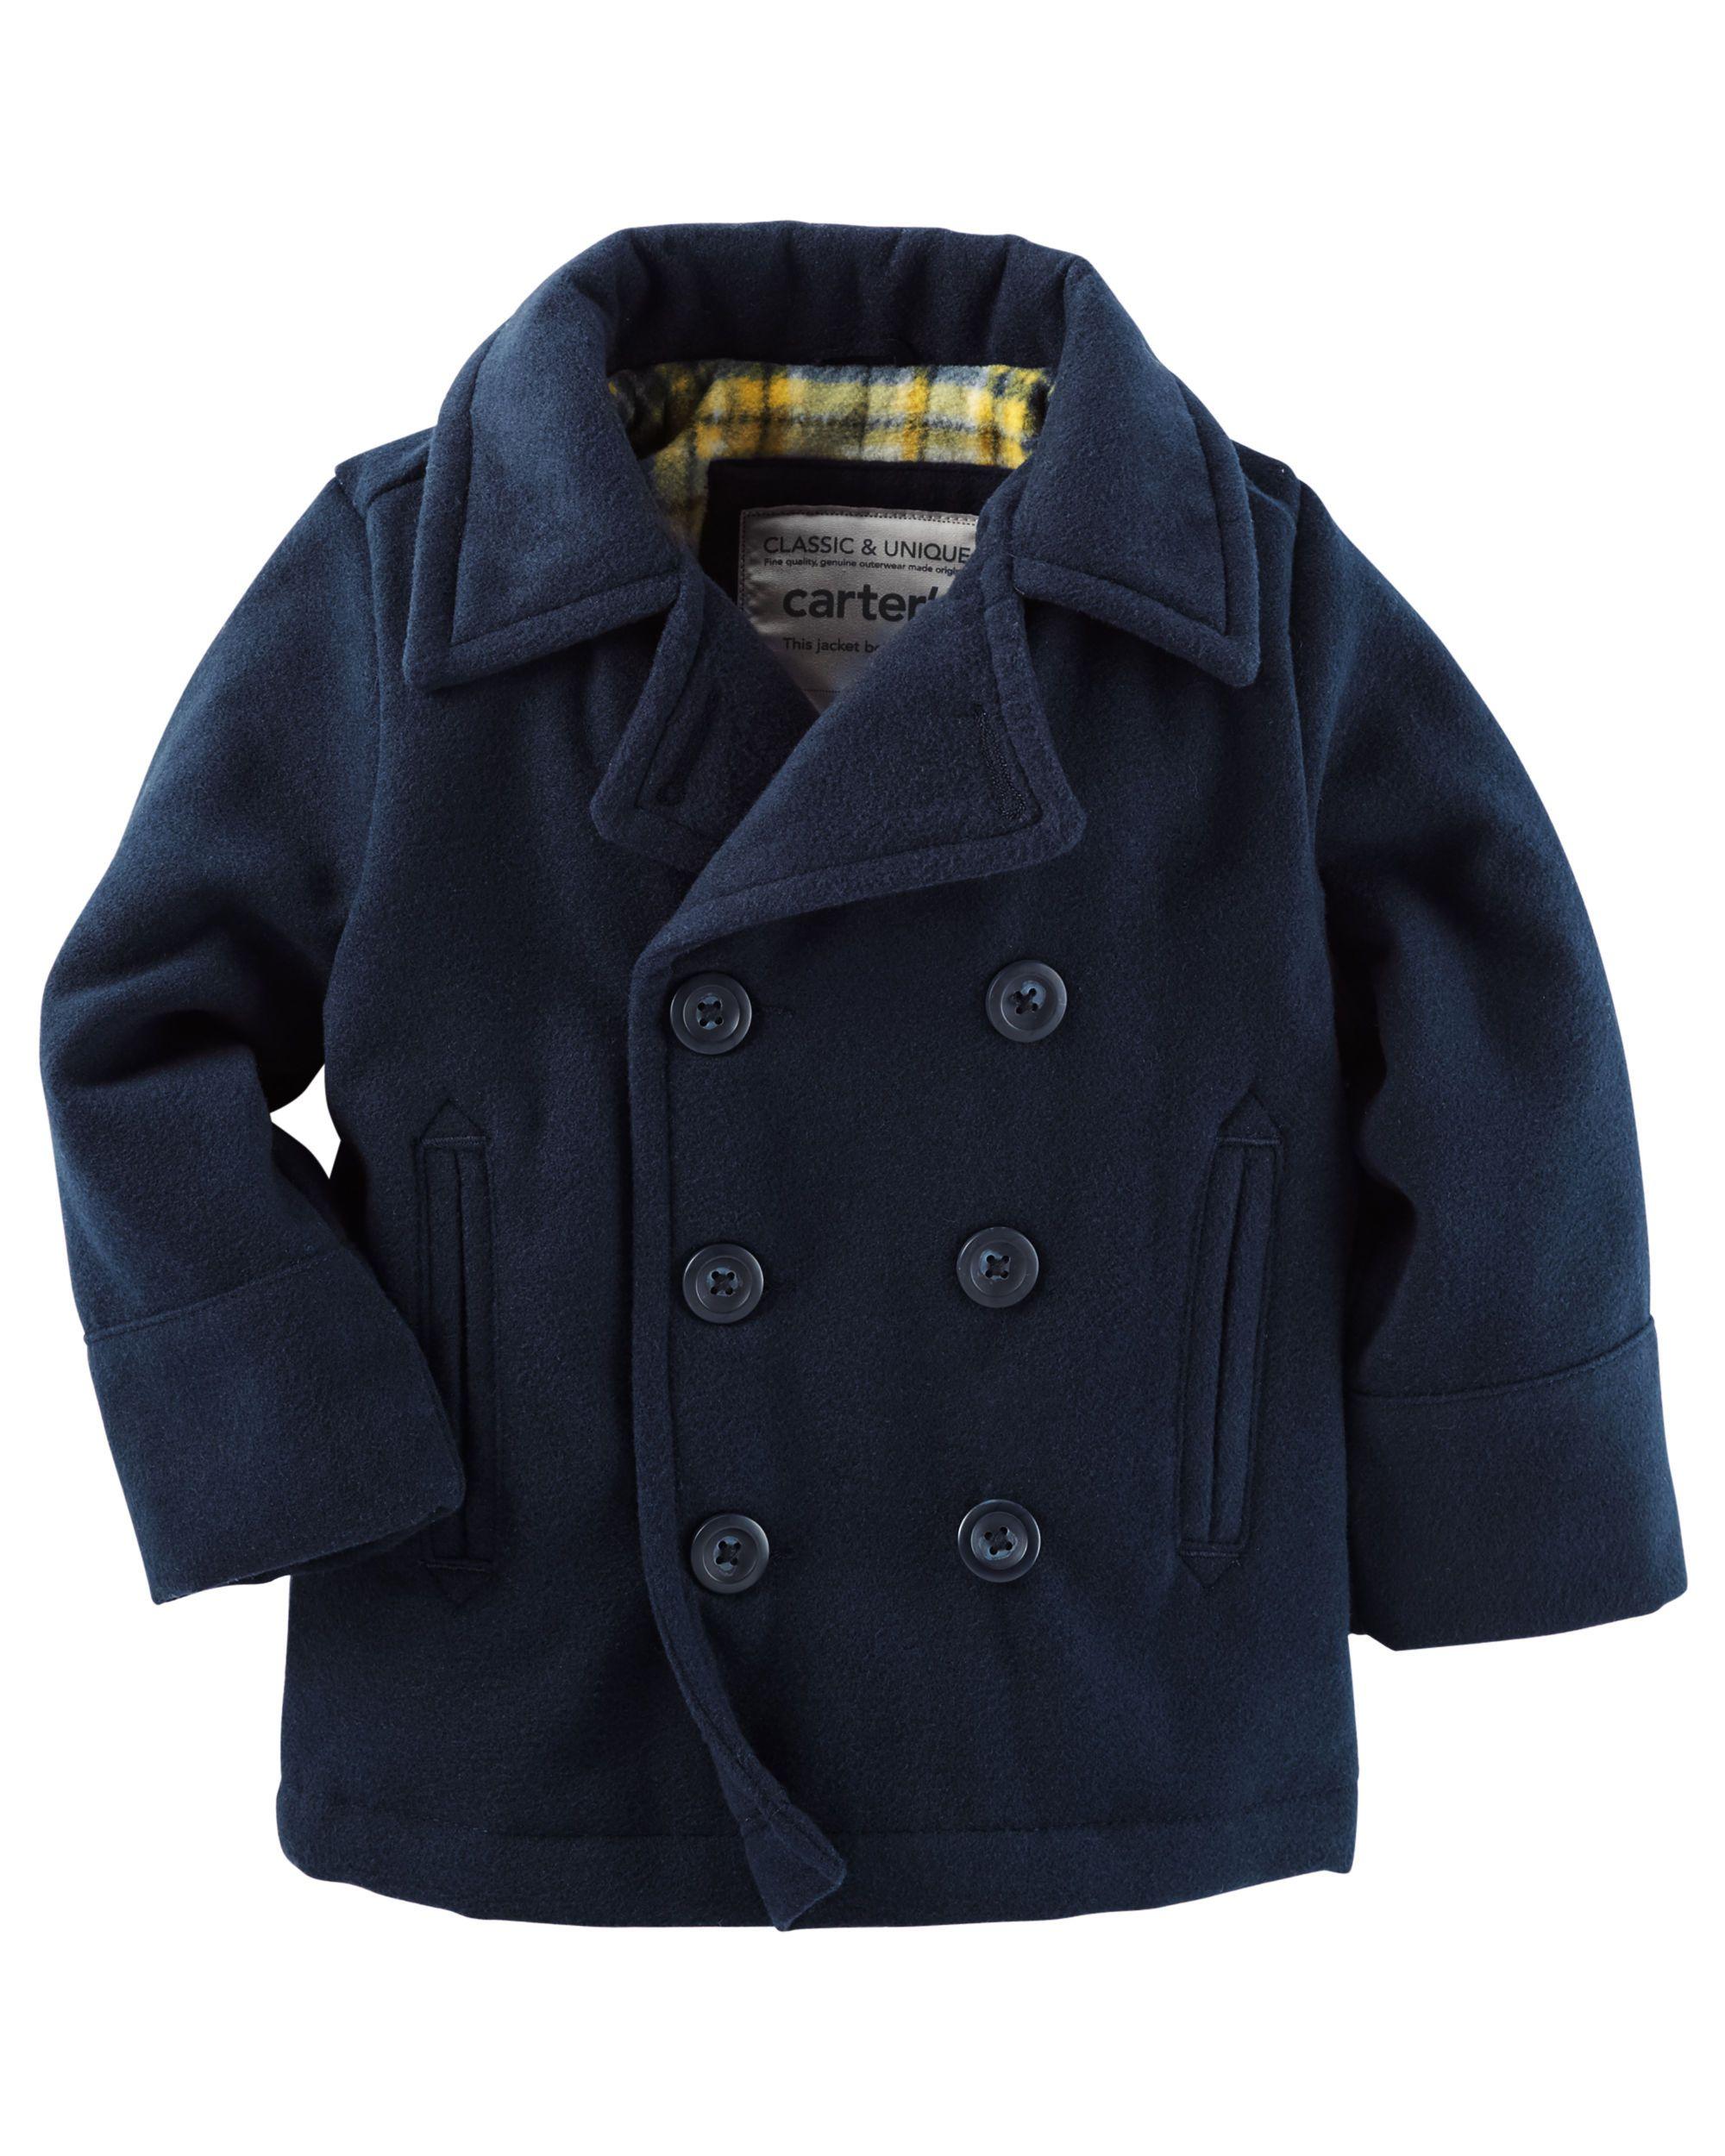 Peacoat Kids Jackets Boy Baby Boy Jackets Boy Outerwear [ 2500 x 2000 Pixel ]